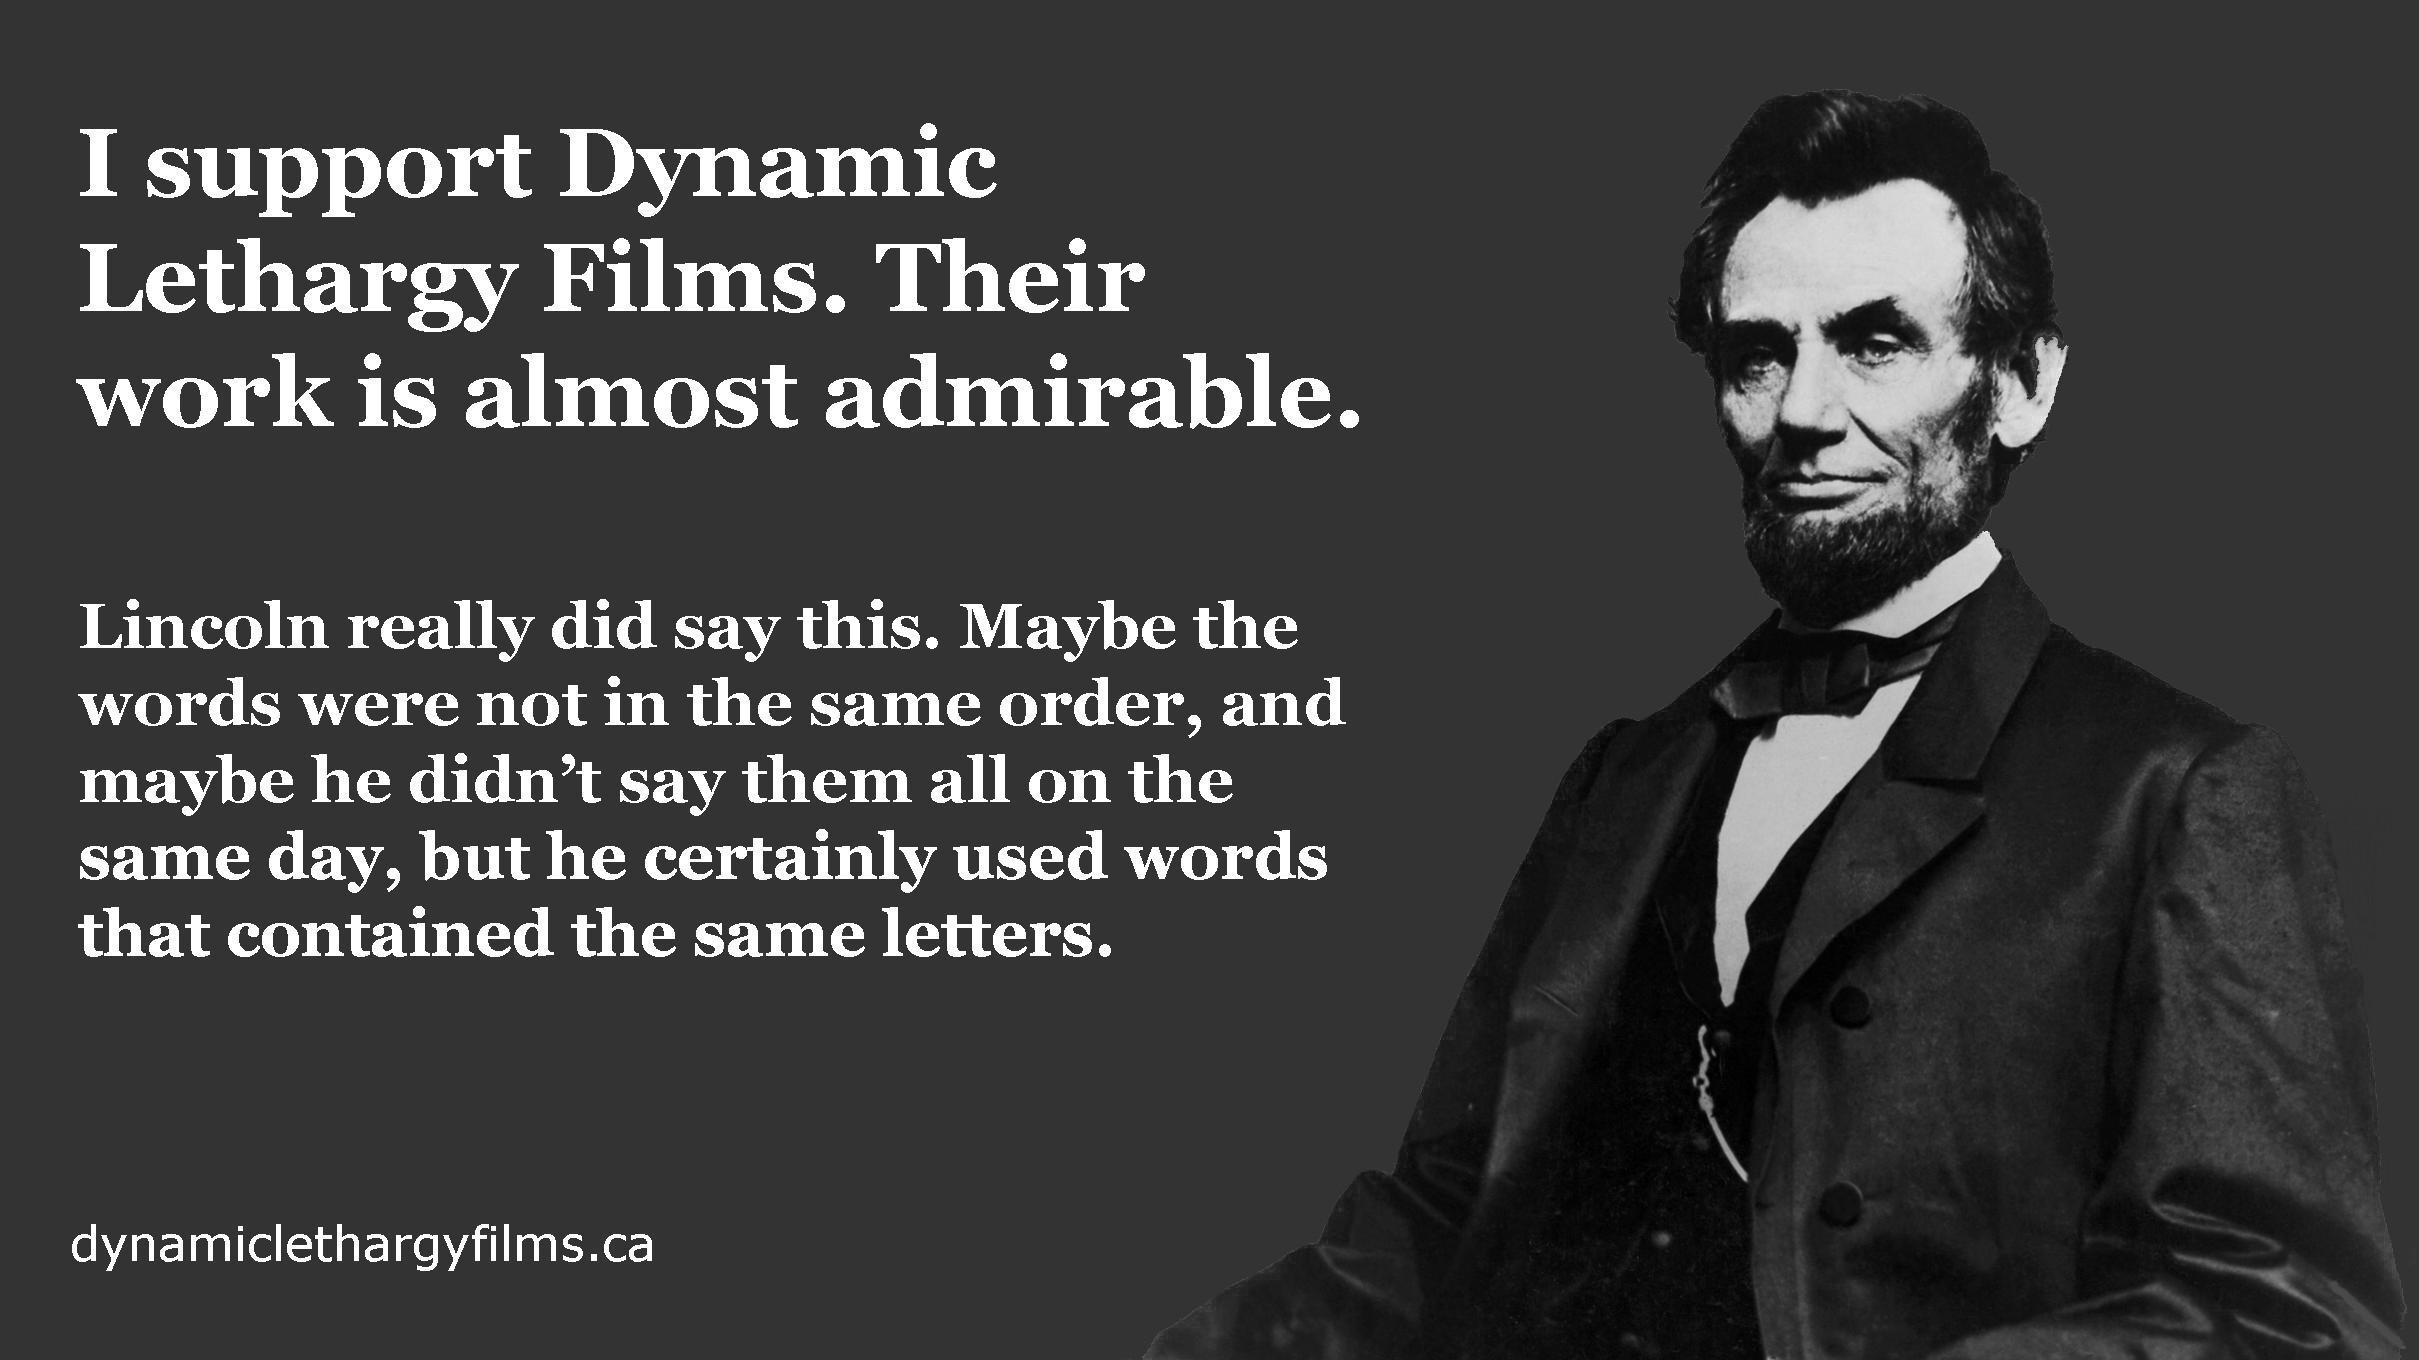 dynamiclethargyfilms.ca